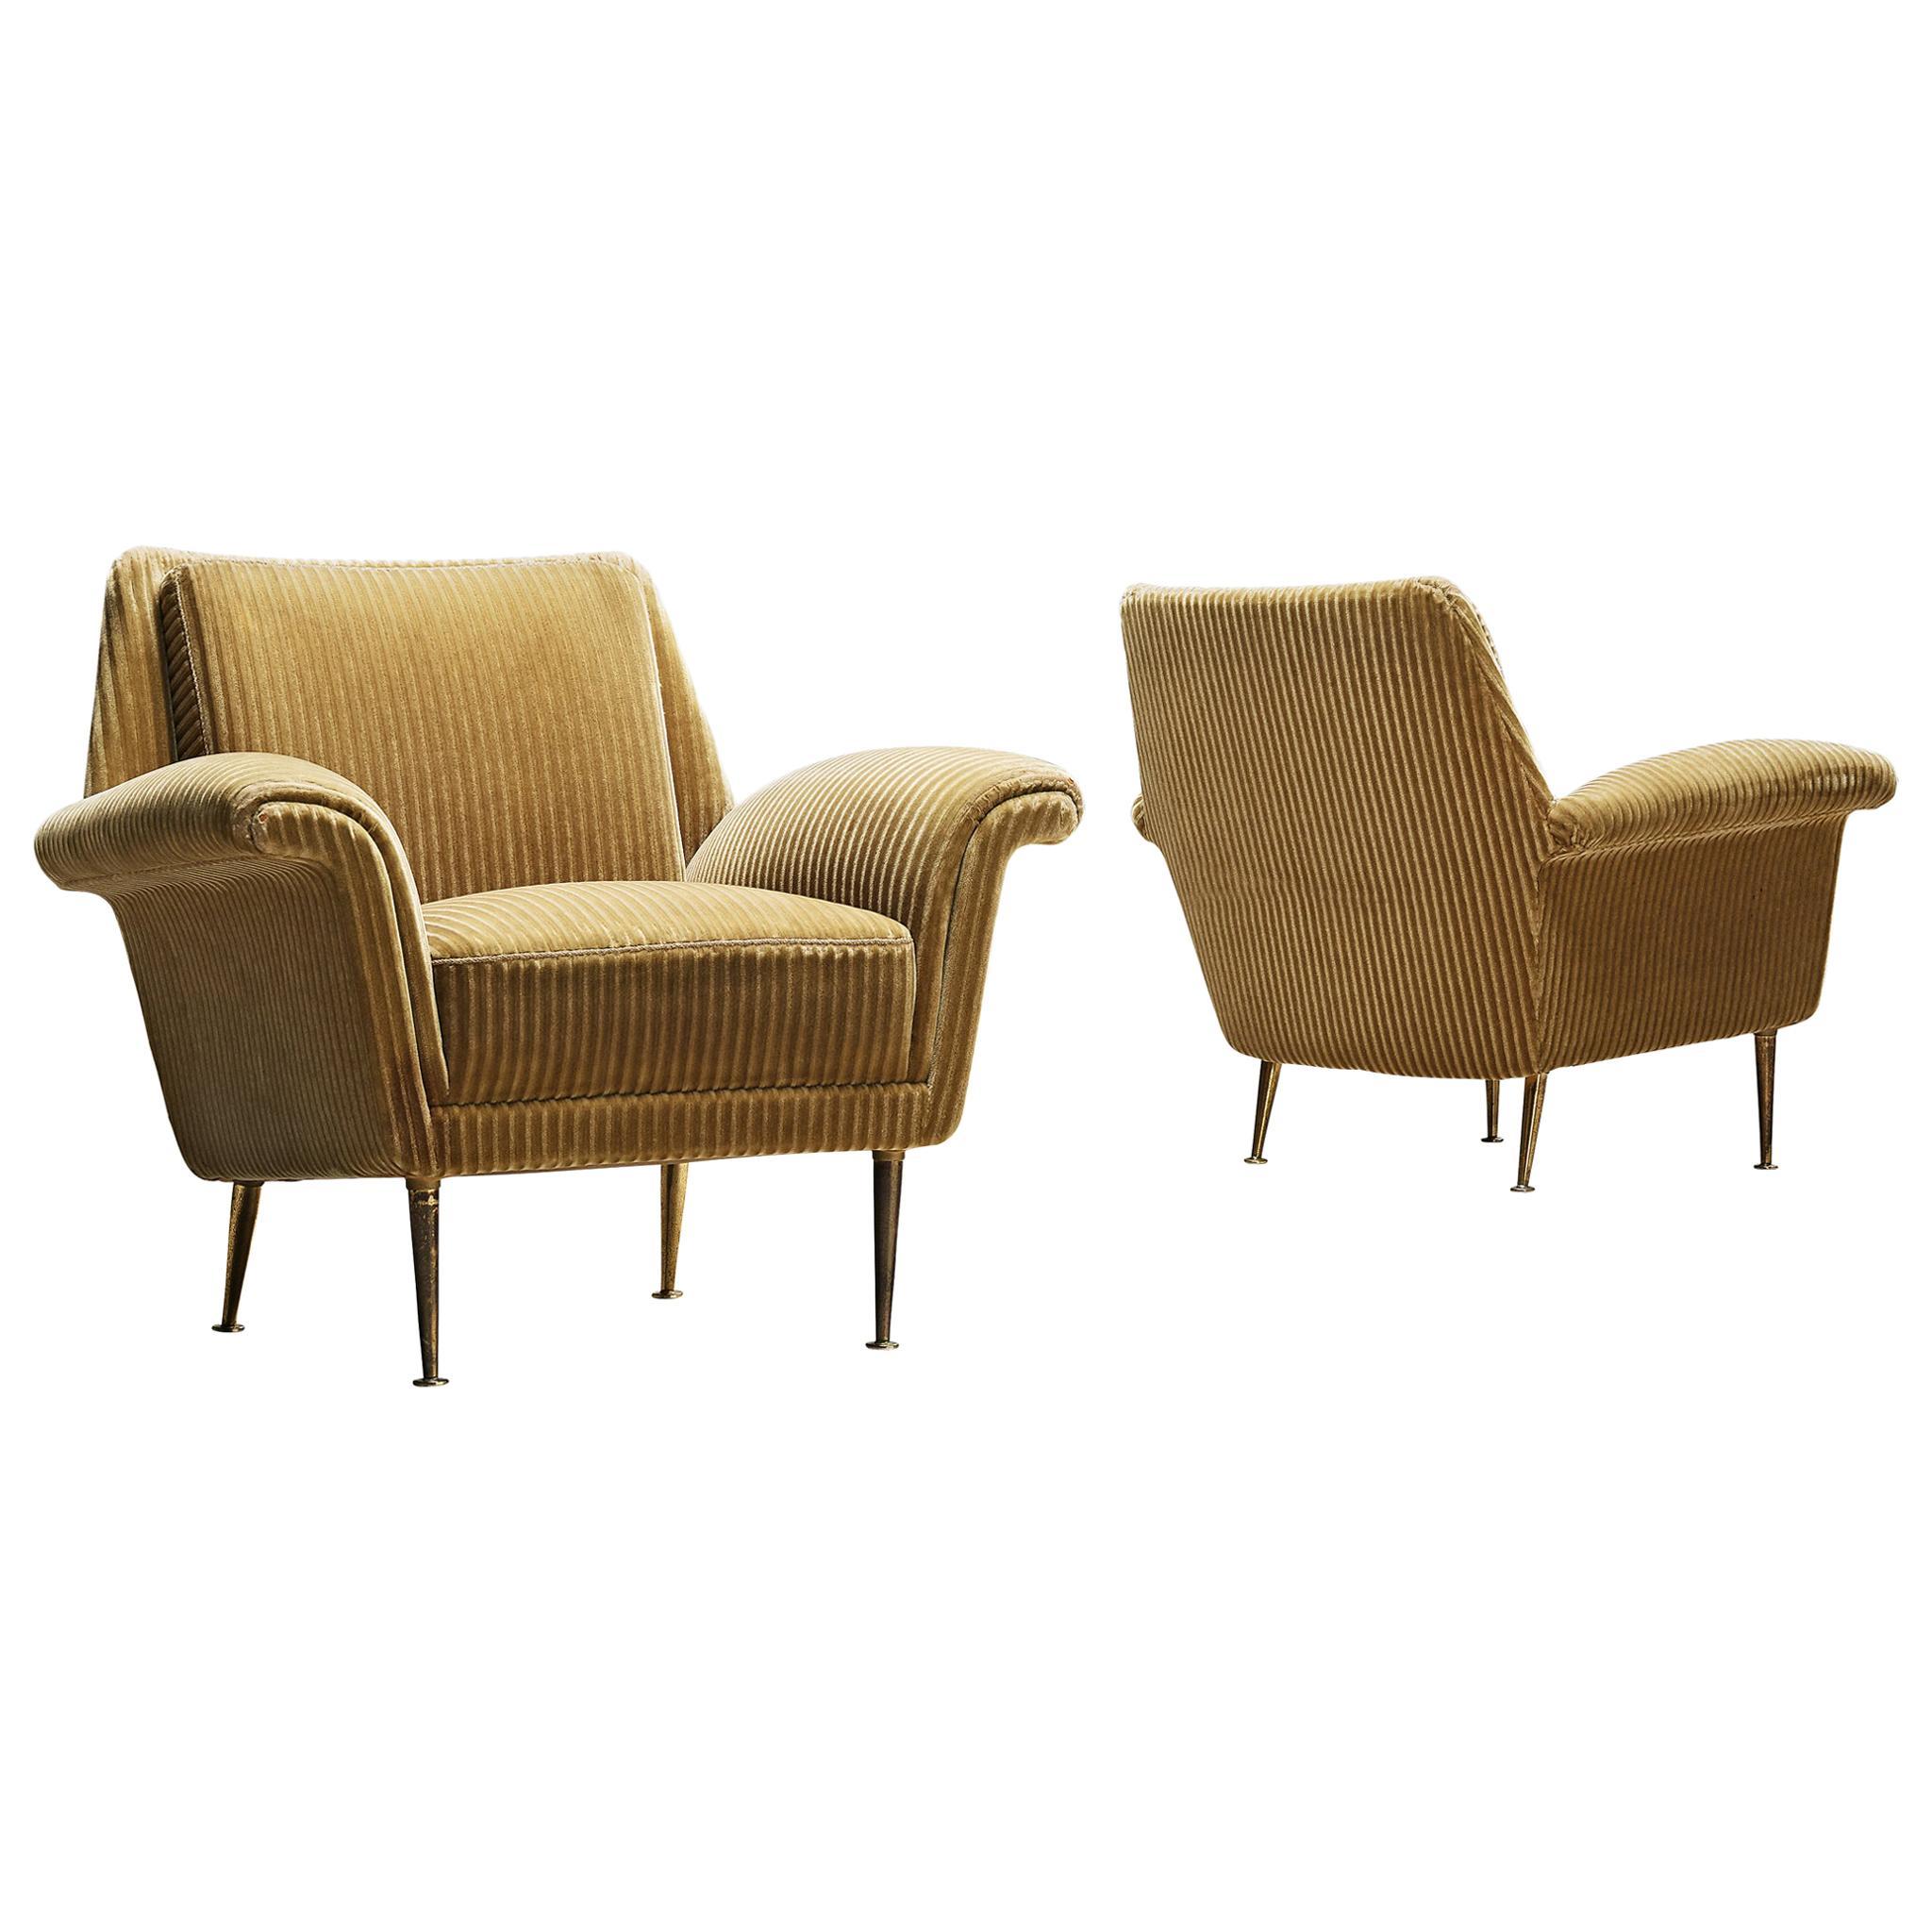 Pair of Armchairs in Velvet Upholstery